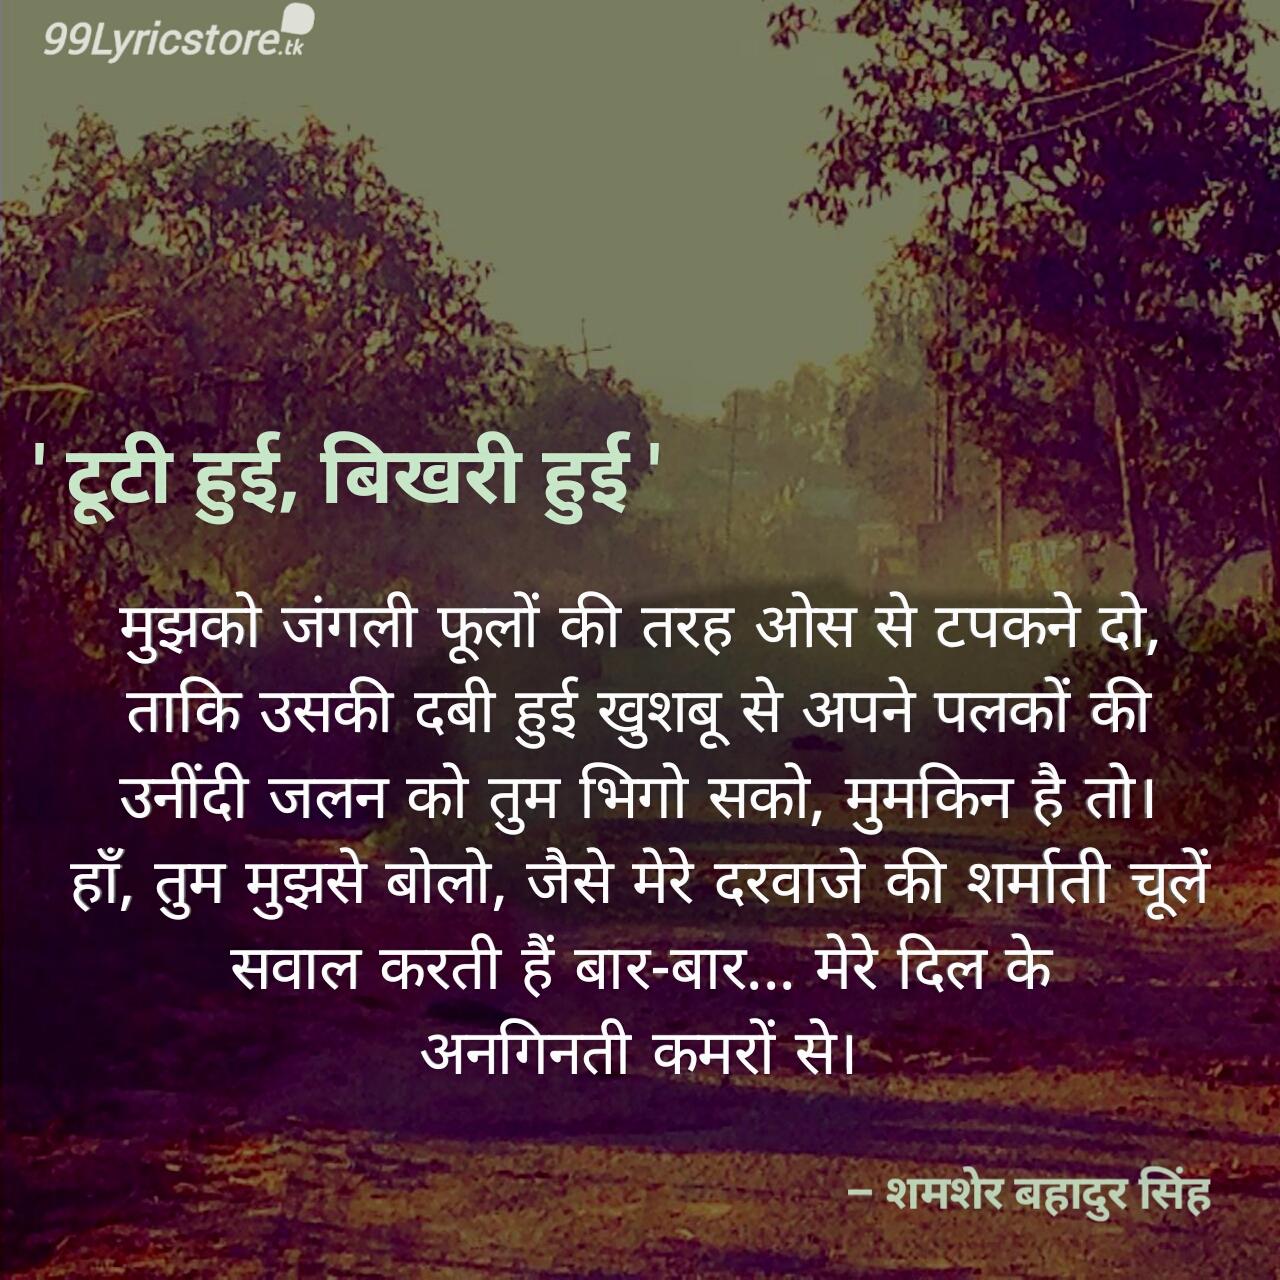 'टूटी हुई, बिखरी हुई' एक हिन्दी कविता है जिसे  शमशेर बहादुर सिंह जी ने बहुत खुबसूरती से लिखा है।